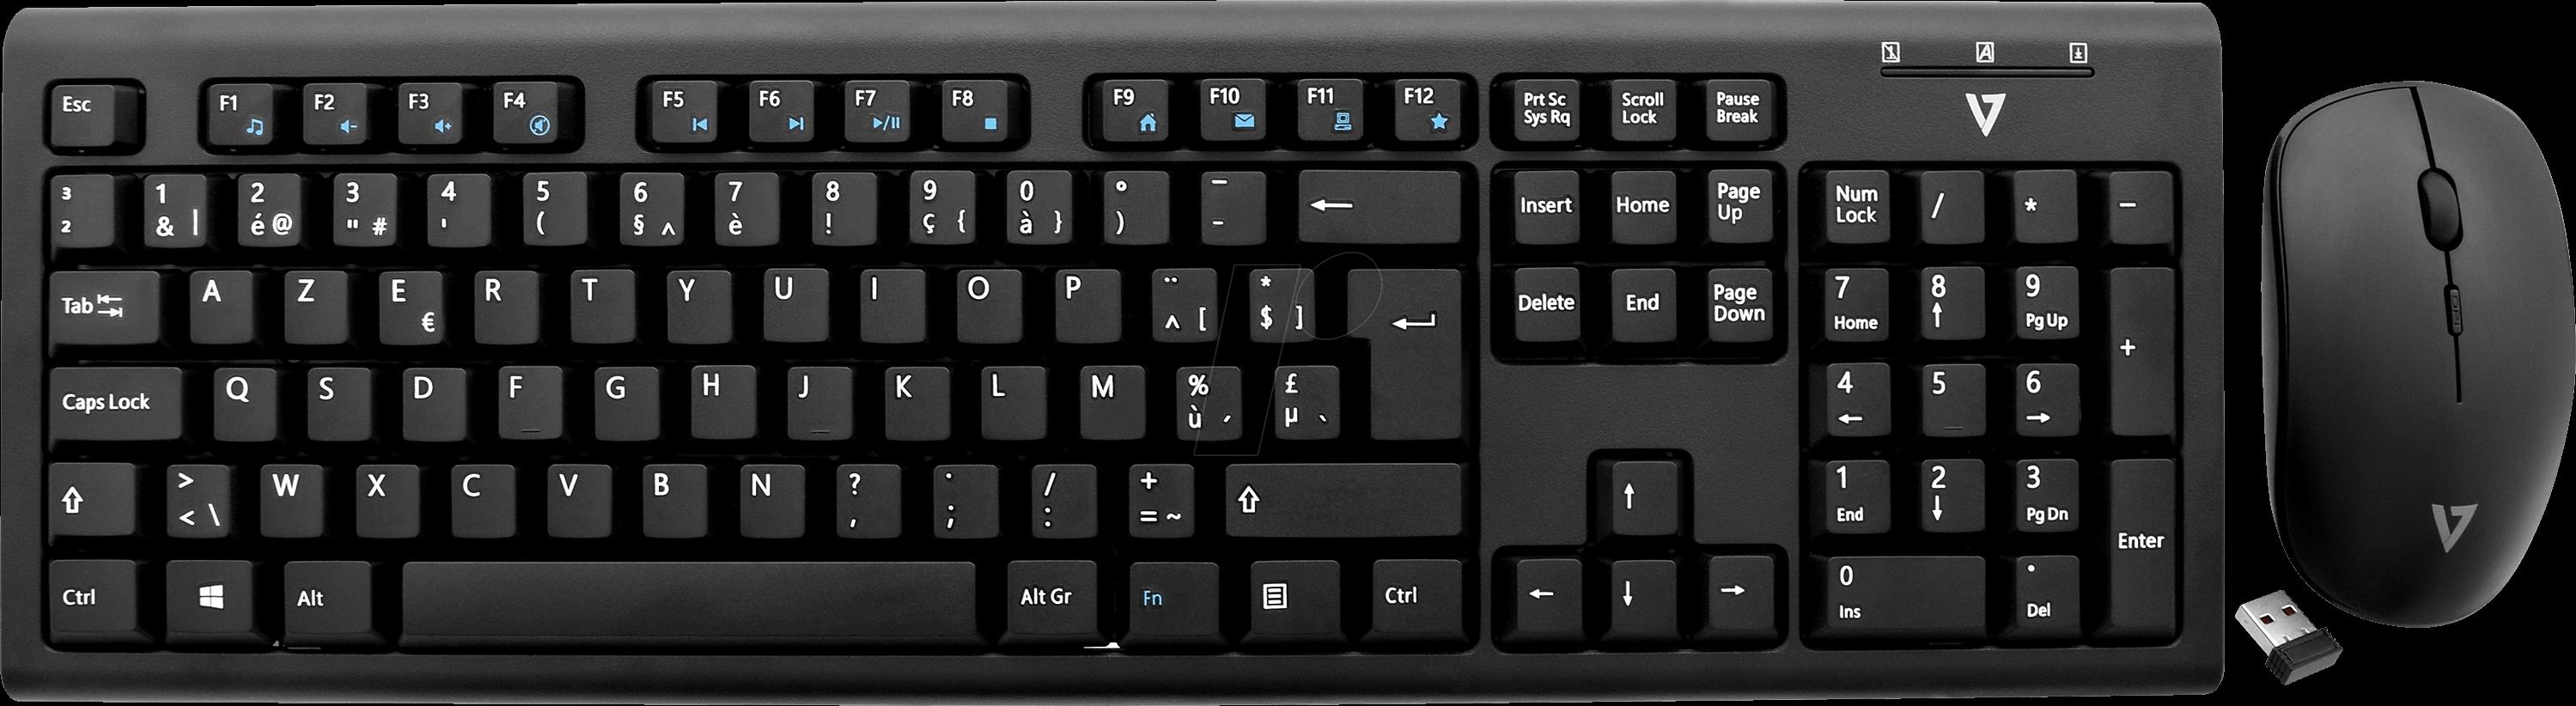 V7 CKW200BE - Tastatur-/Maus-Kombination, Funk,...